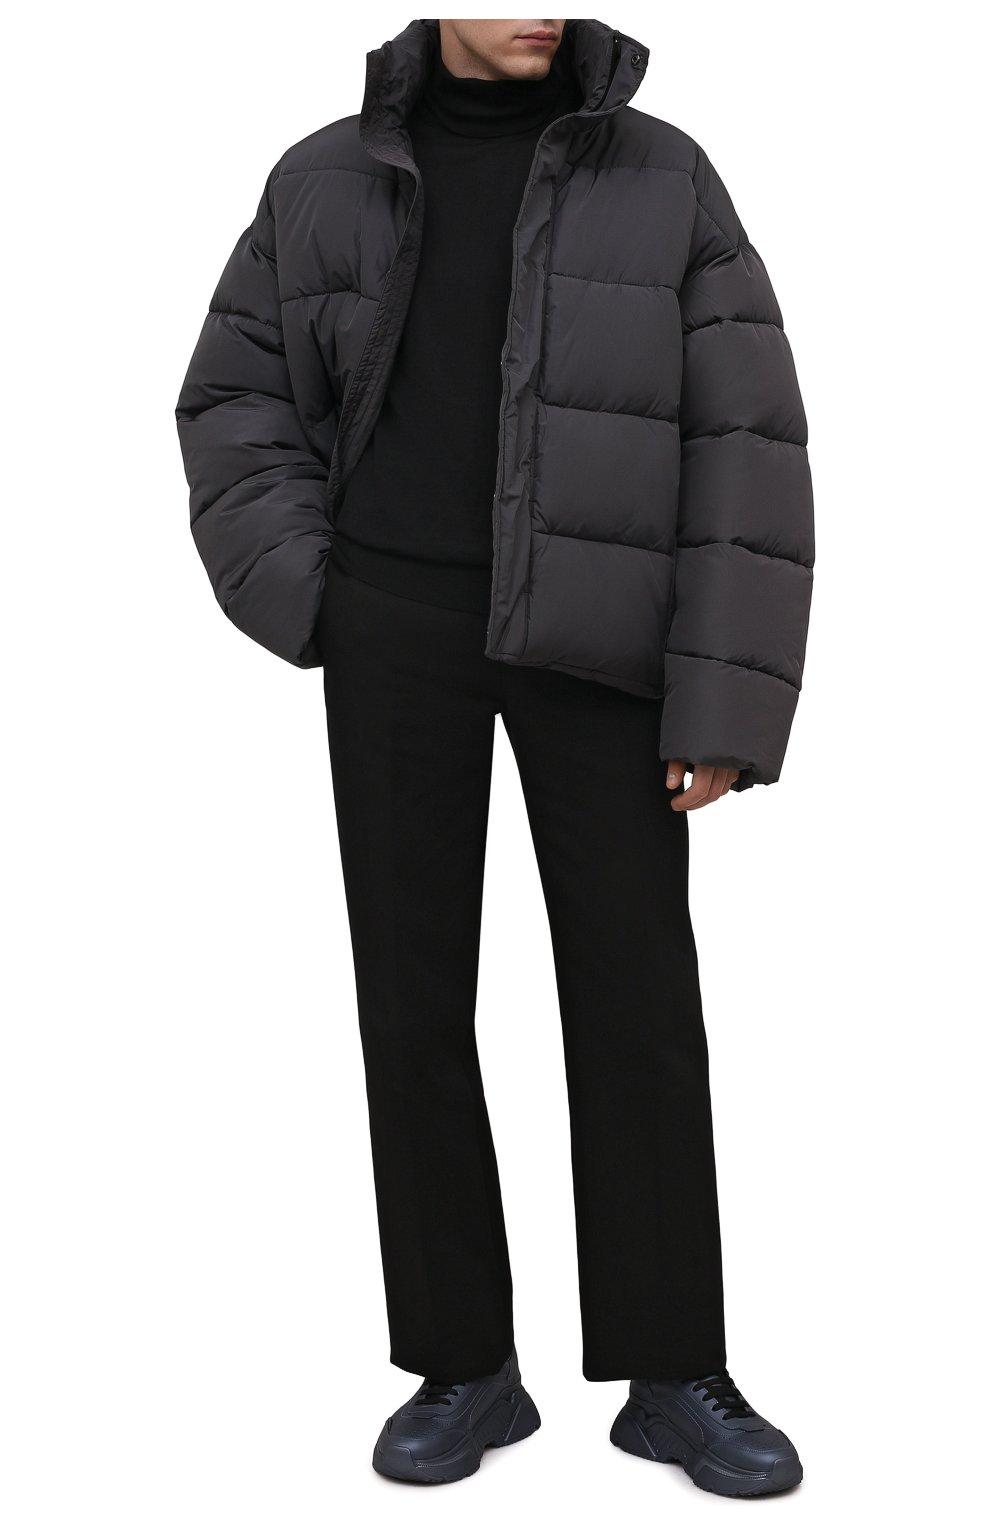 Мужская утепленная куртка BALENCIAGA серого цвета, арт. 642228/TYD36   Фото 2 (Кросс-КТ: Куртка; Мужское Кросс-КТ: пуховик-короткий; Рукава: Длинные; Материал внешний: Синтетический материал, Вискоза; Материал подклада: Синтетический материал; Длина (верхняя одежда): Короткие; Стили: Минимализм)